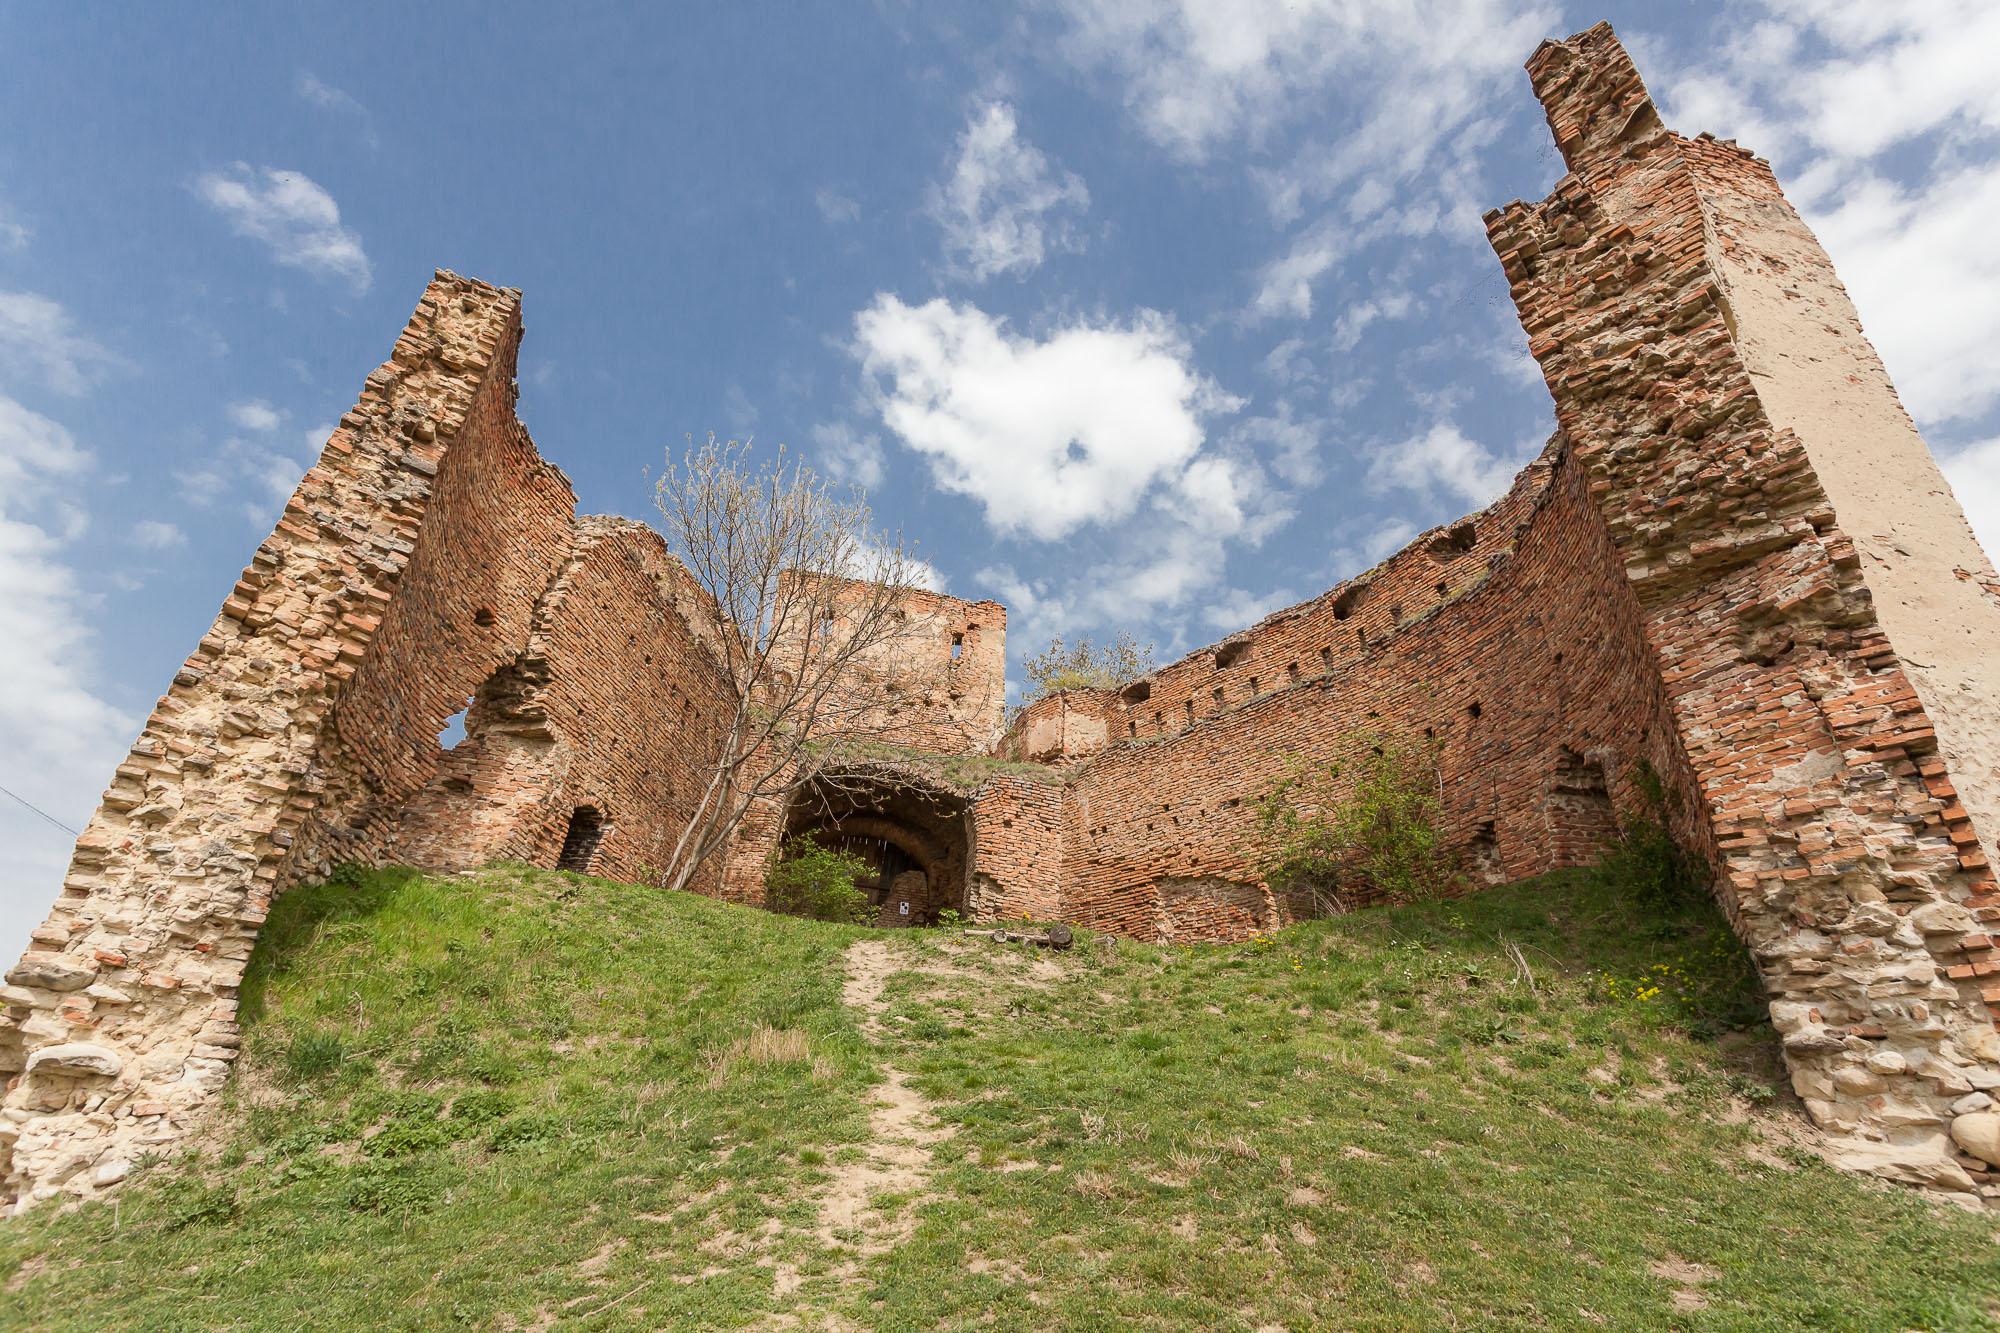 Vizitează cetățile medievale cu aplicația Drumul Cetăților